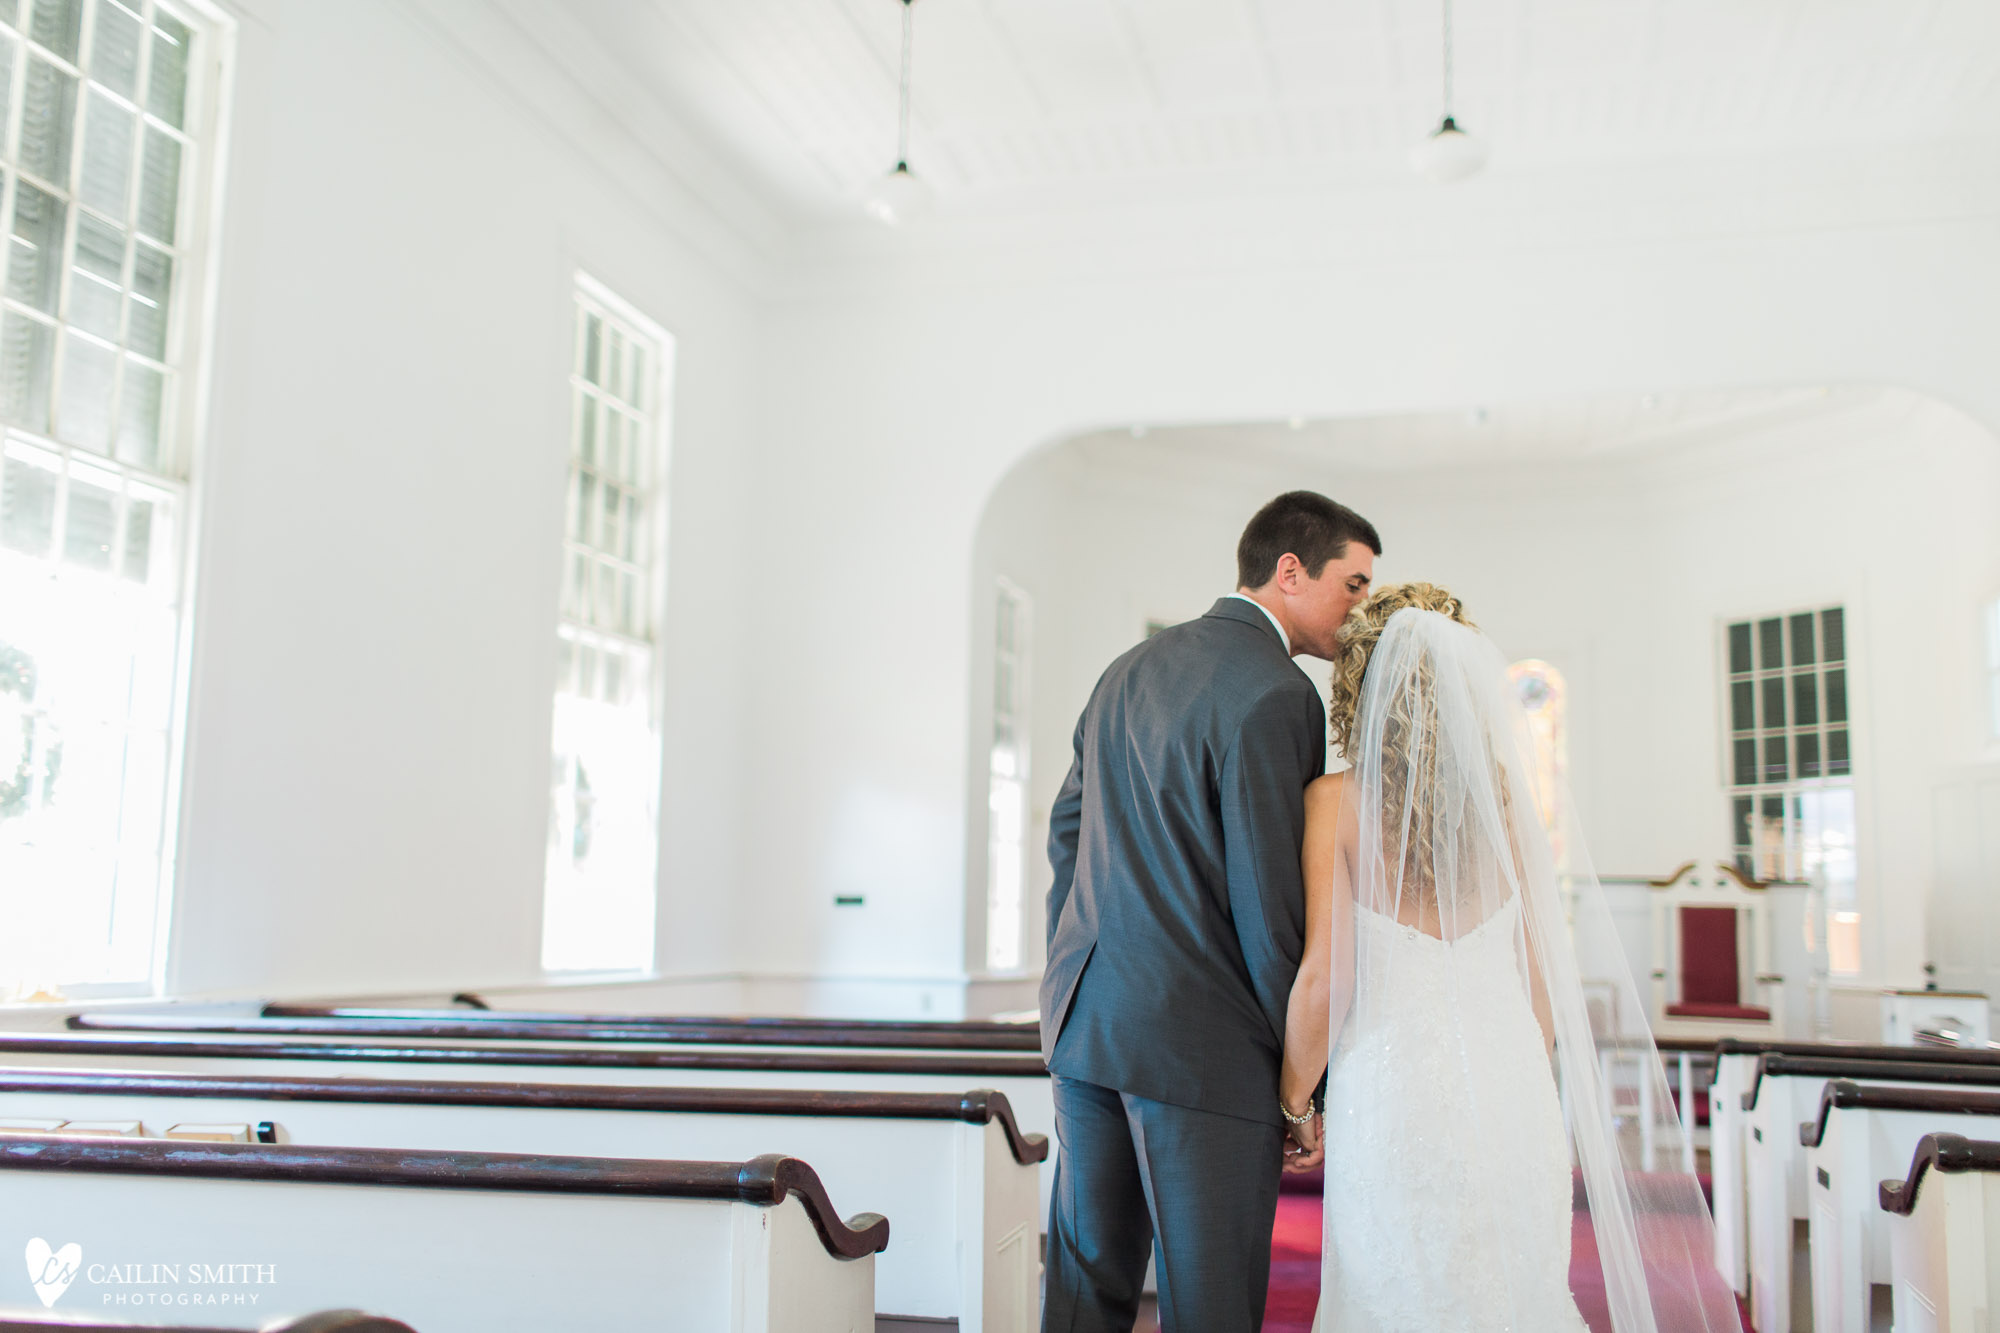 Leah_Major_St_Marys_Wedding_Photography_034.jpg